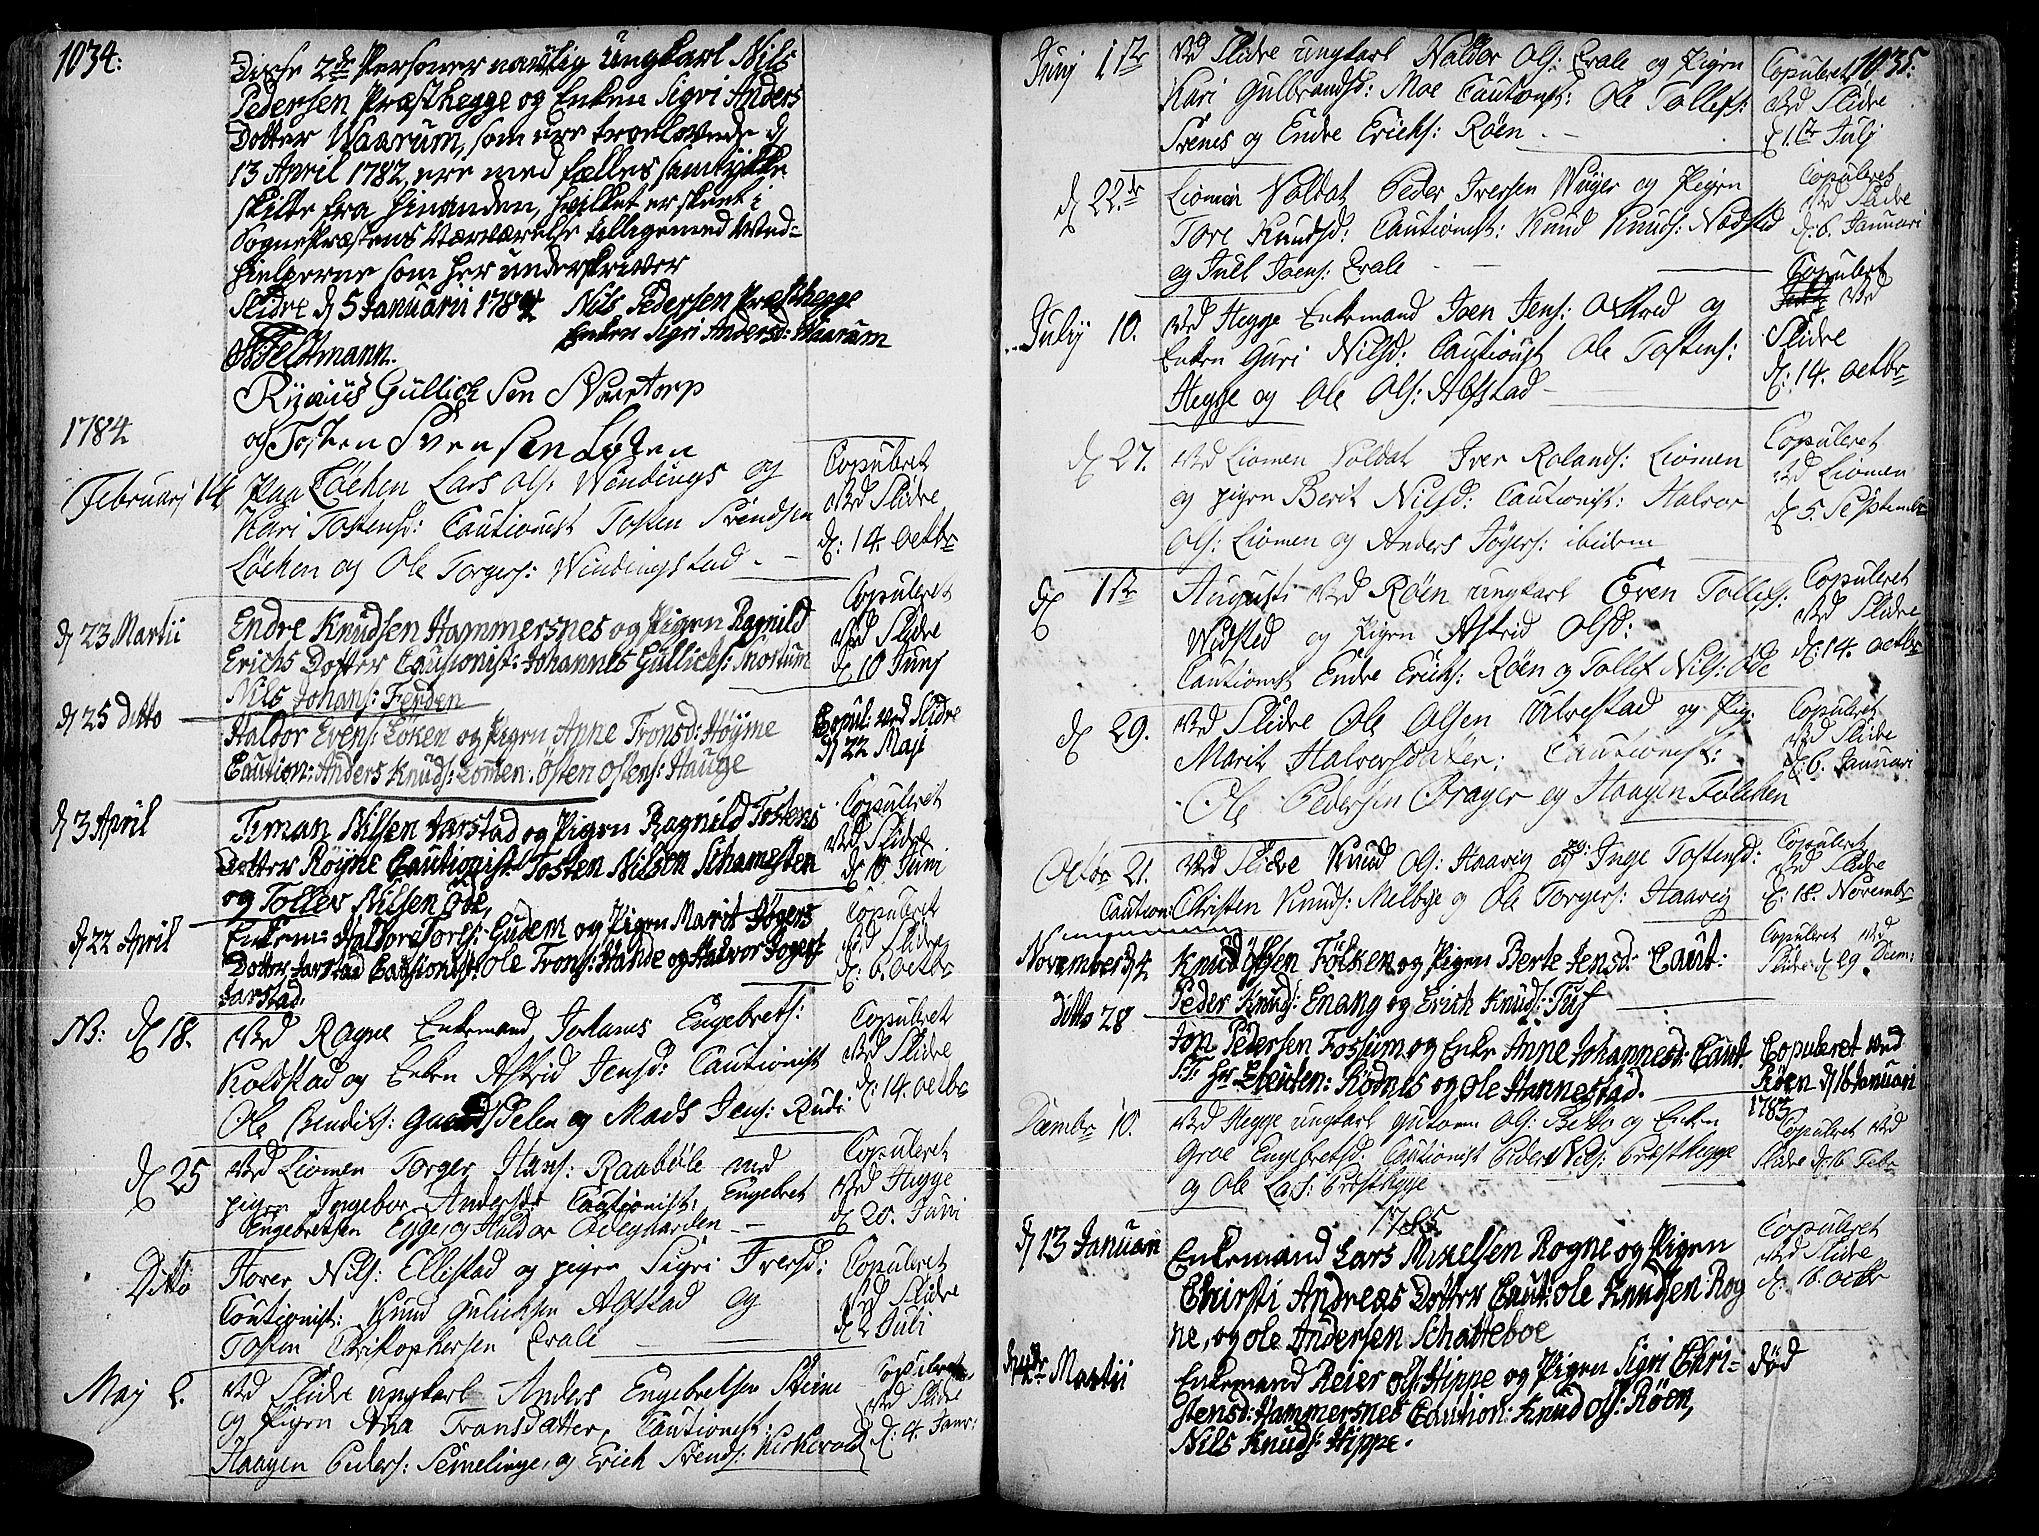 SAH, Slidre prestekontor, Ministerialbok nr. 1, 1724-1814, s. 1034-1035